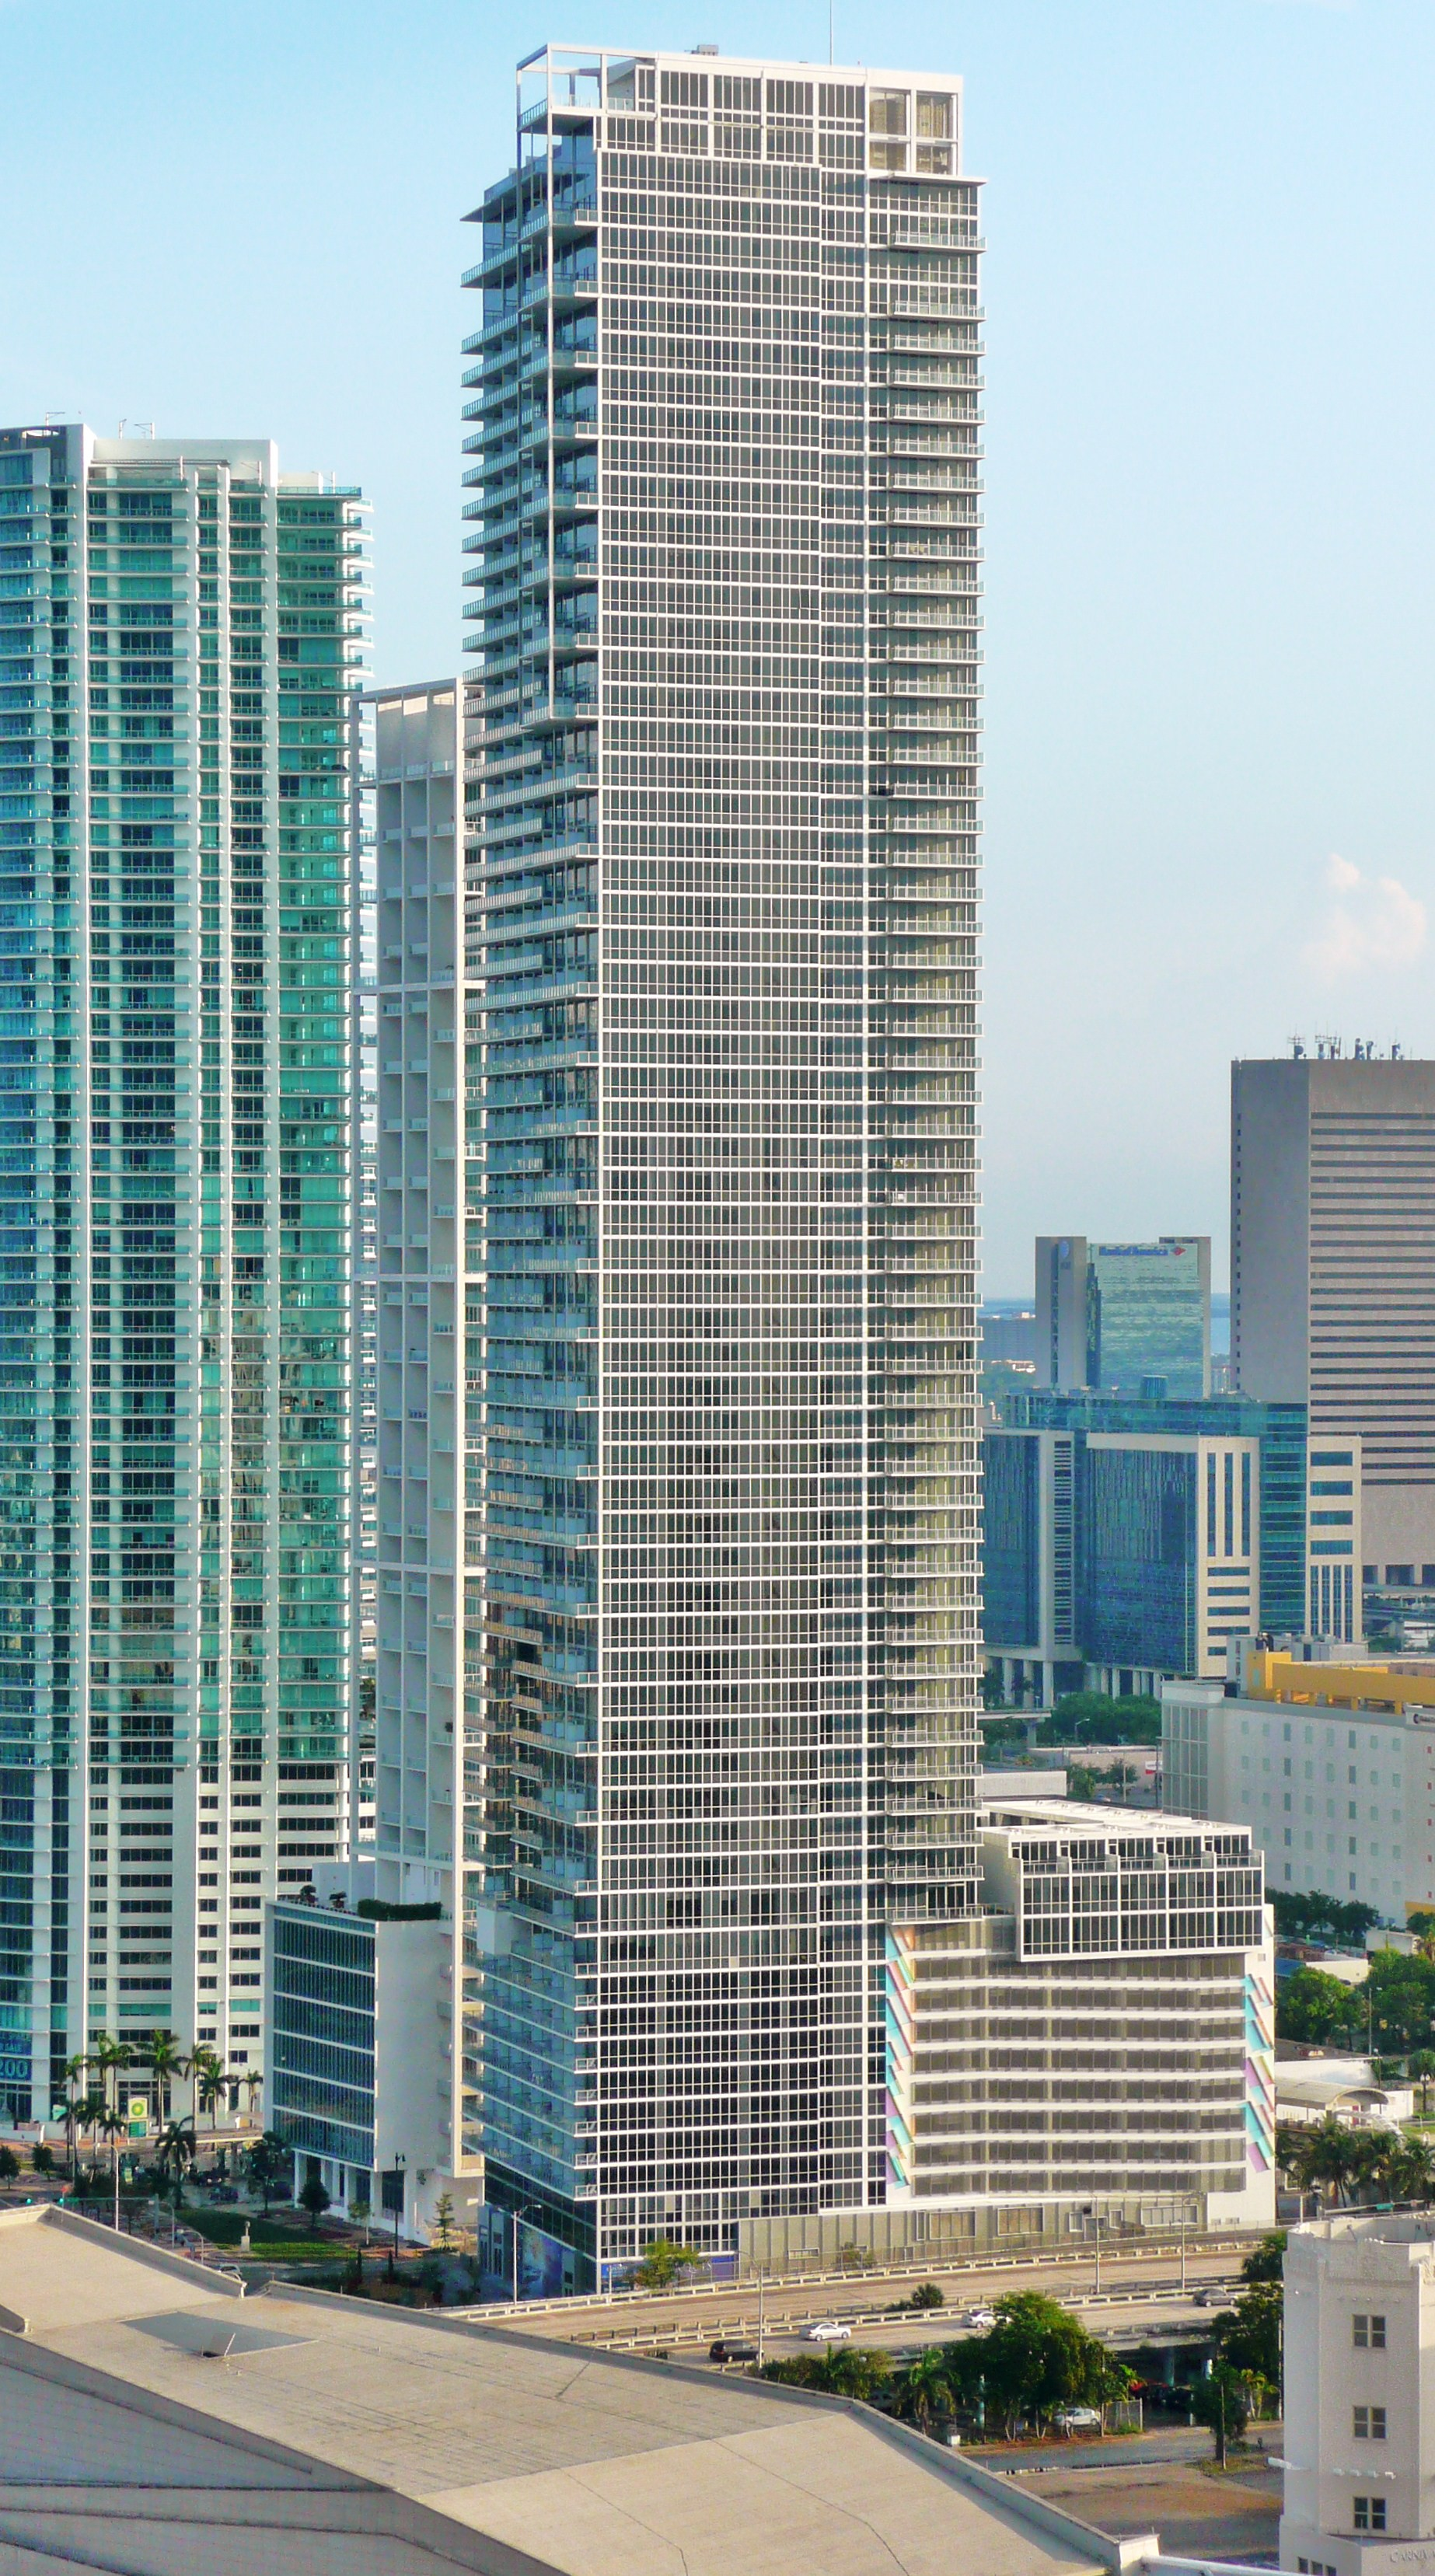 The Marquis Miami